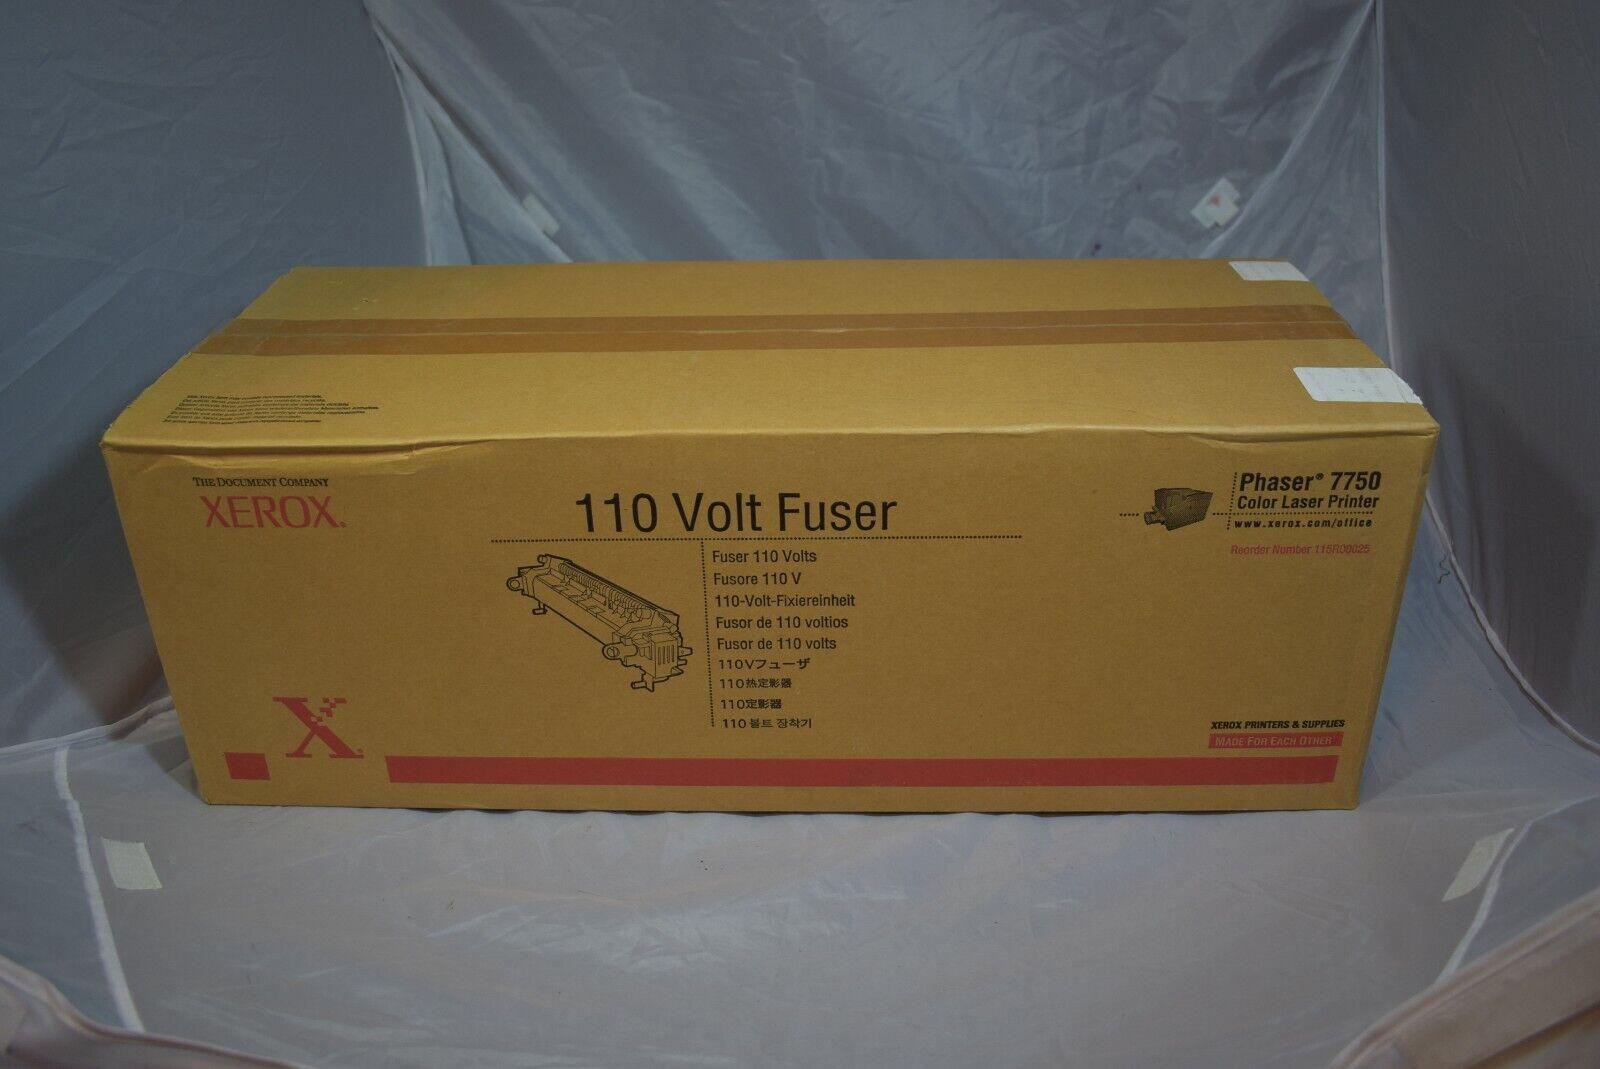 Genuine Xerox Phaser 7750 110 Volt Fuser 115R00025